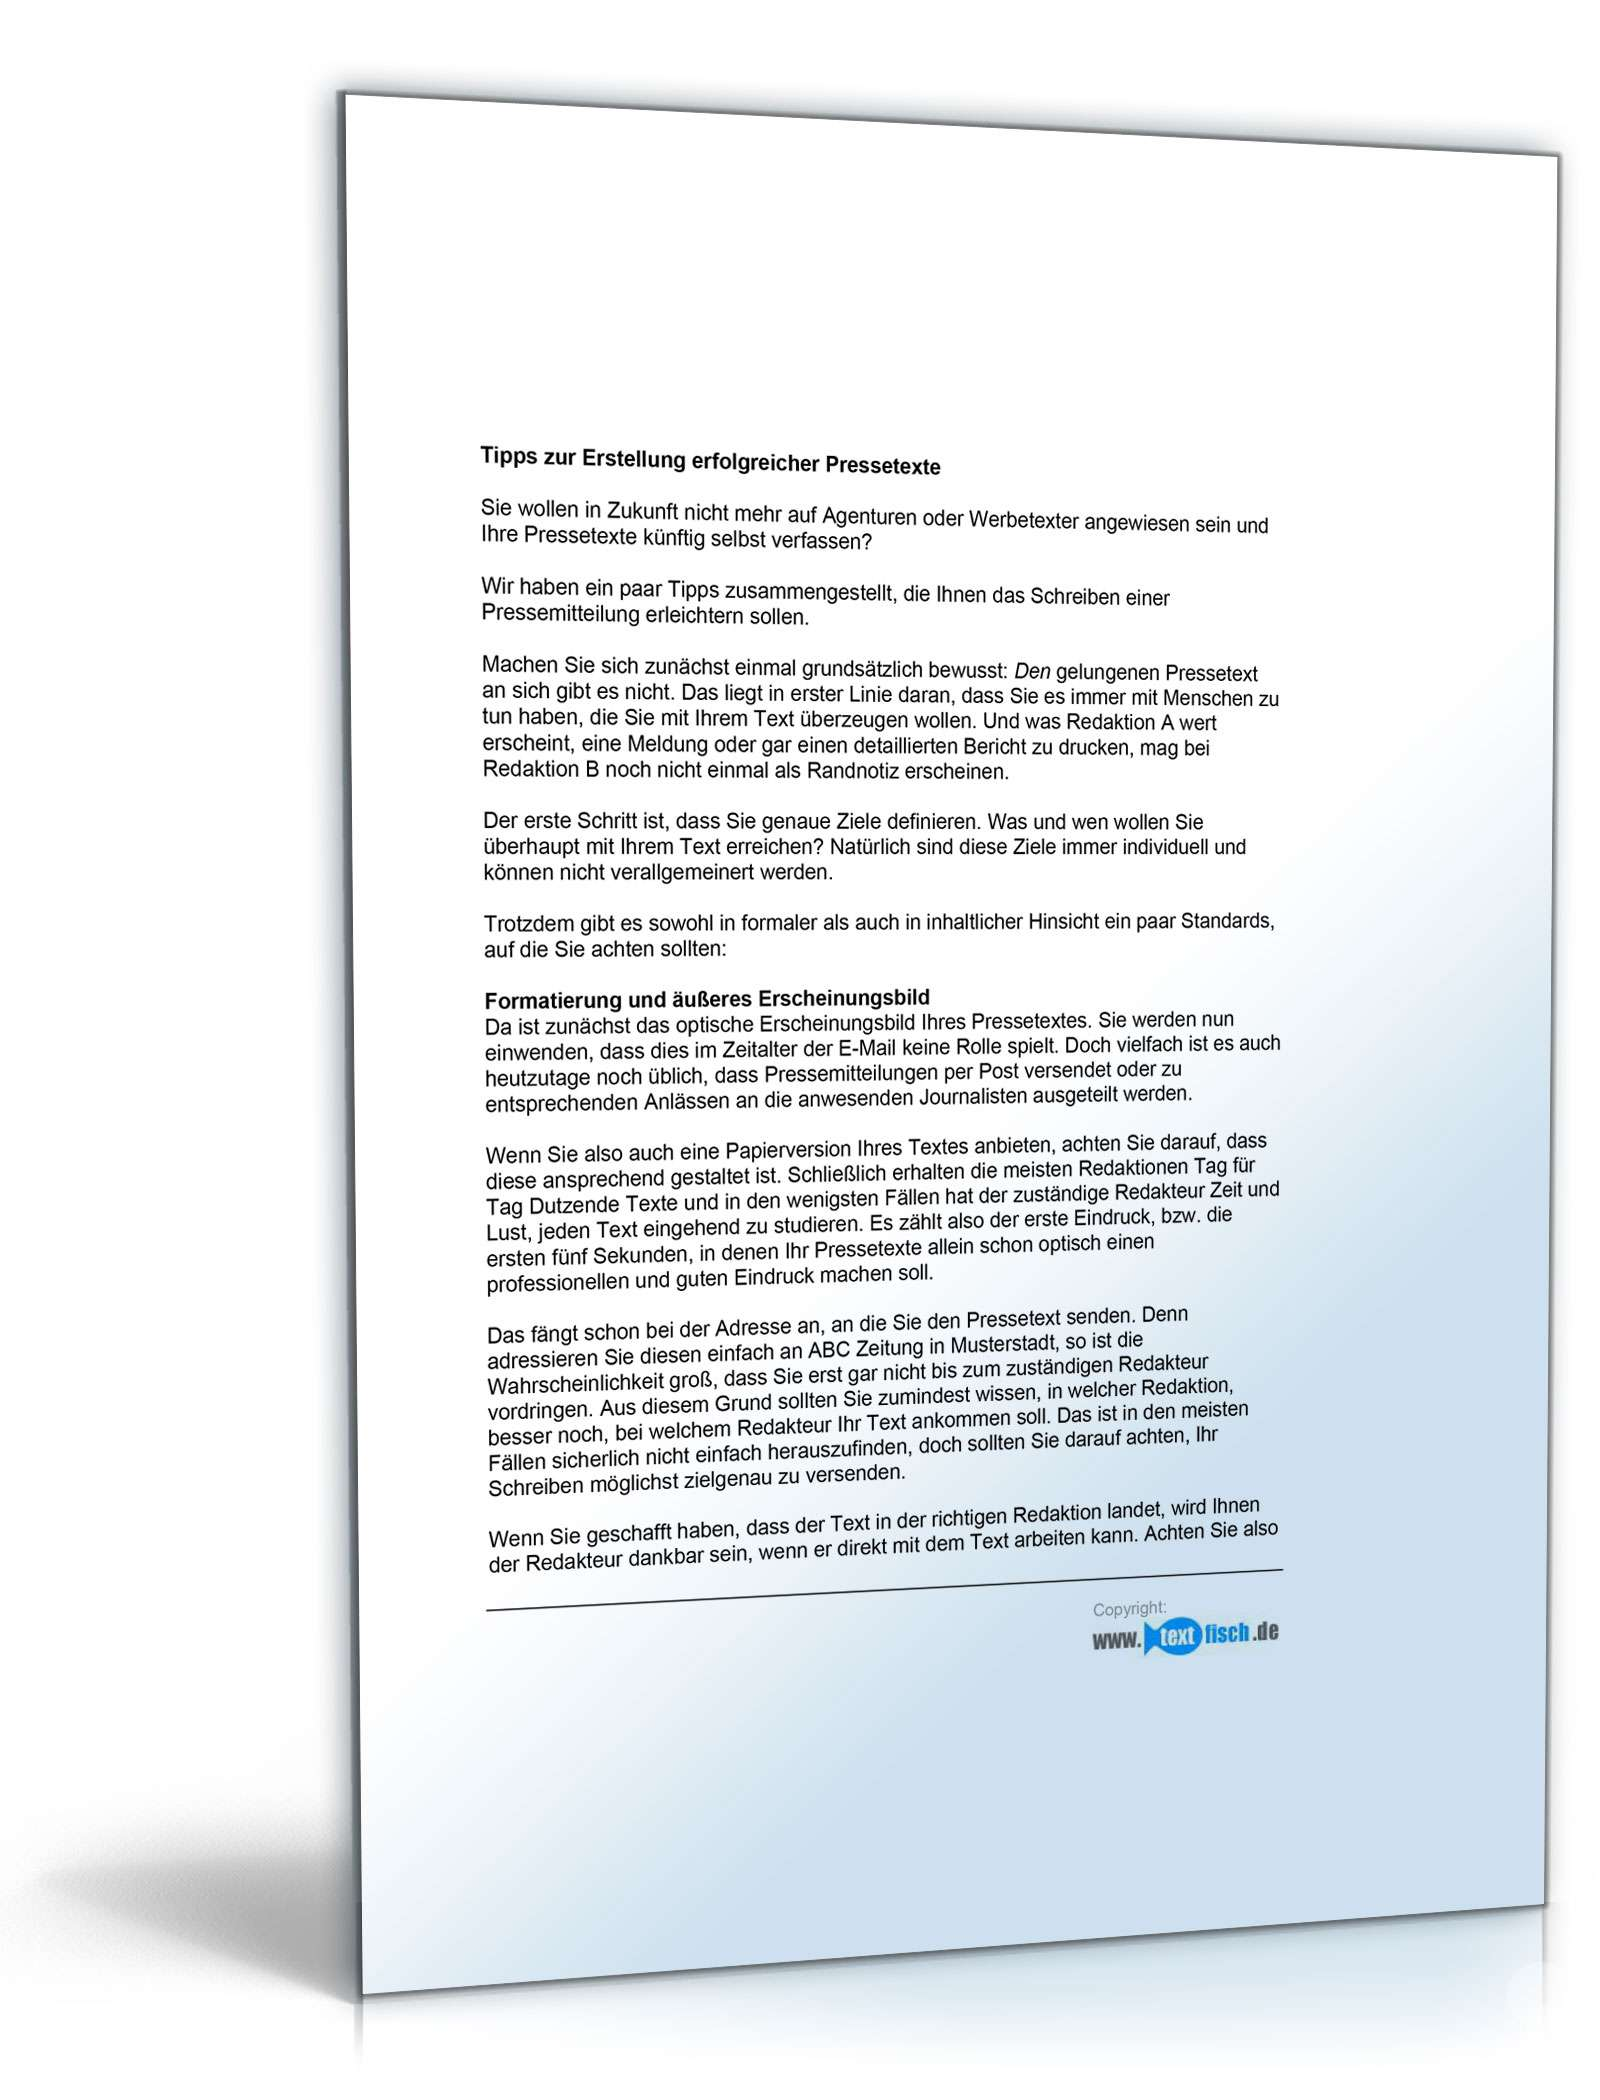 Musterbriefe Zusammenarbeit : Pressemitteilung über die ergebnisse einer kooperation